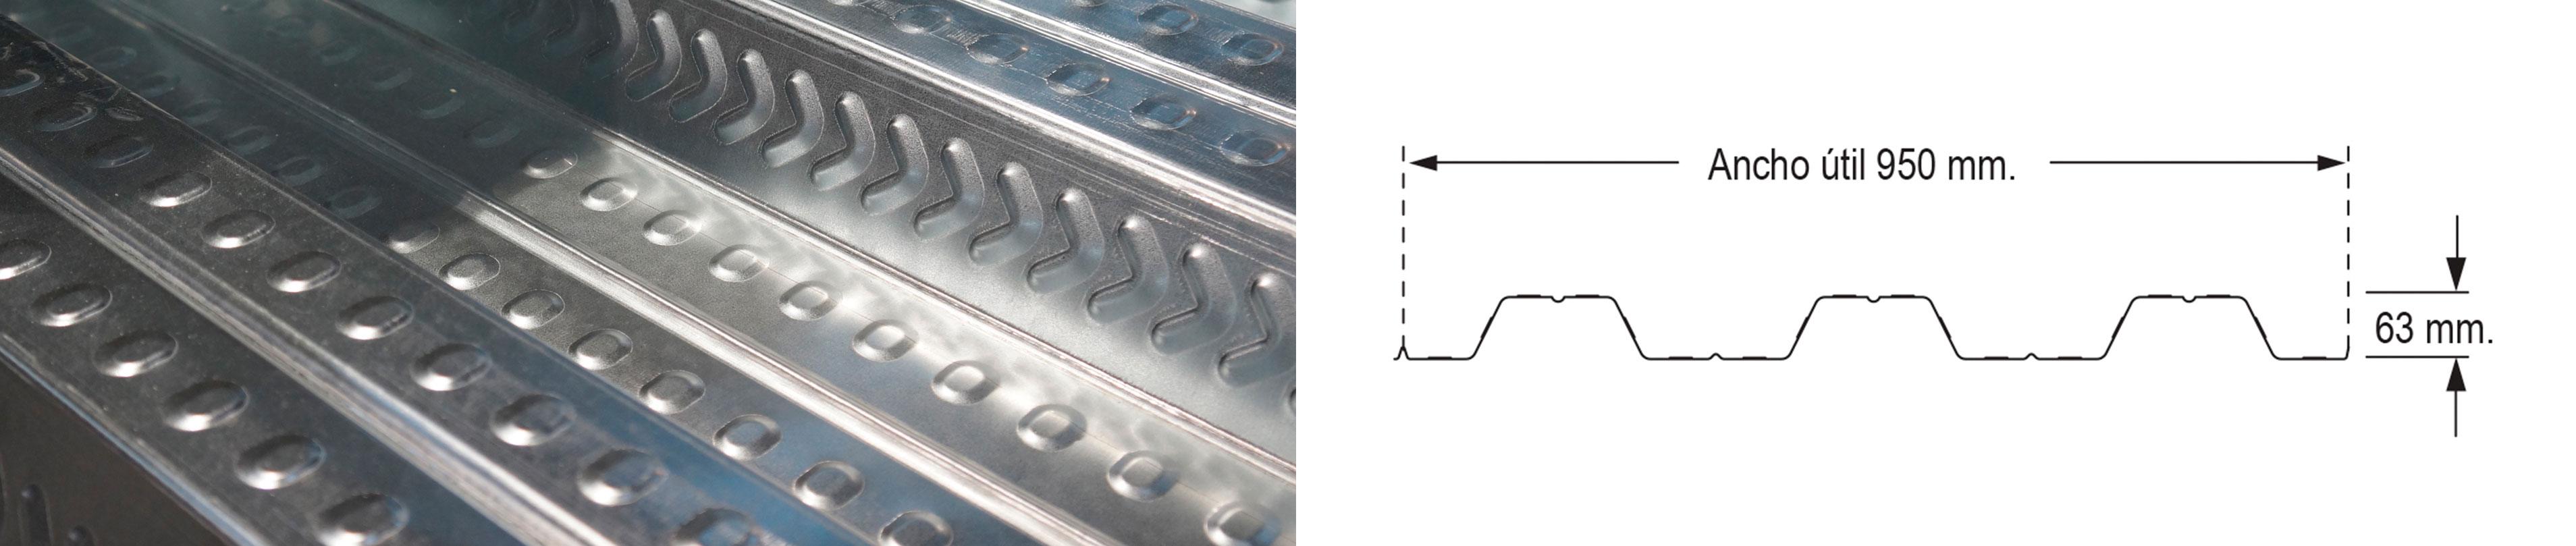 Tipos de planchas de acero.